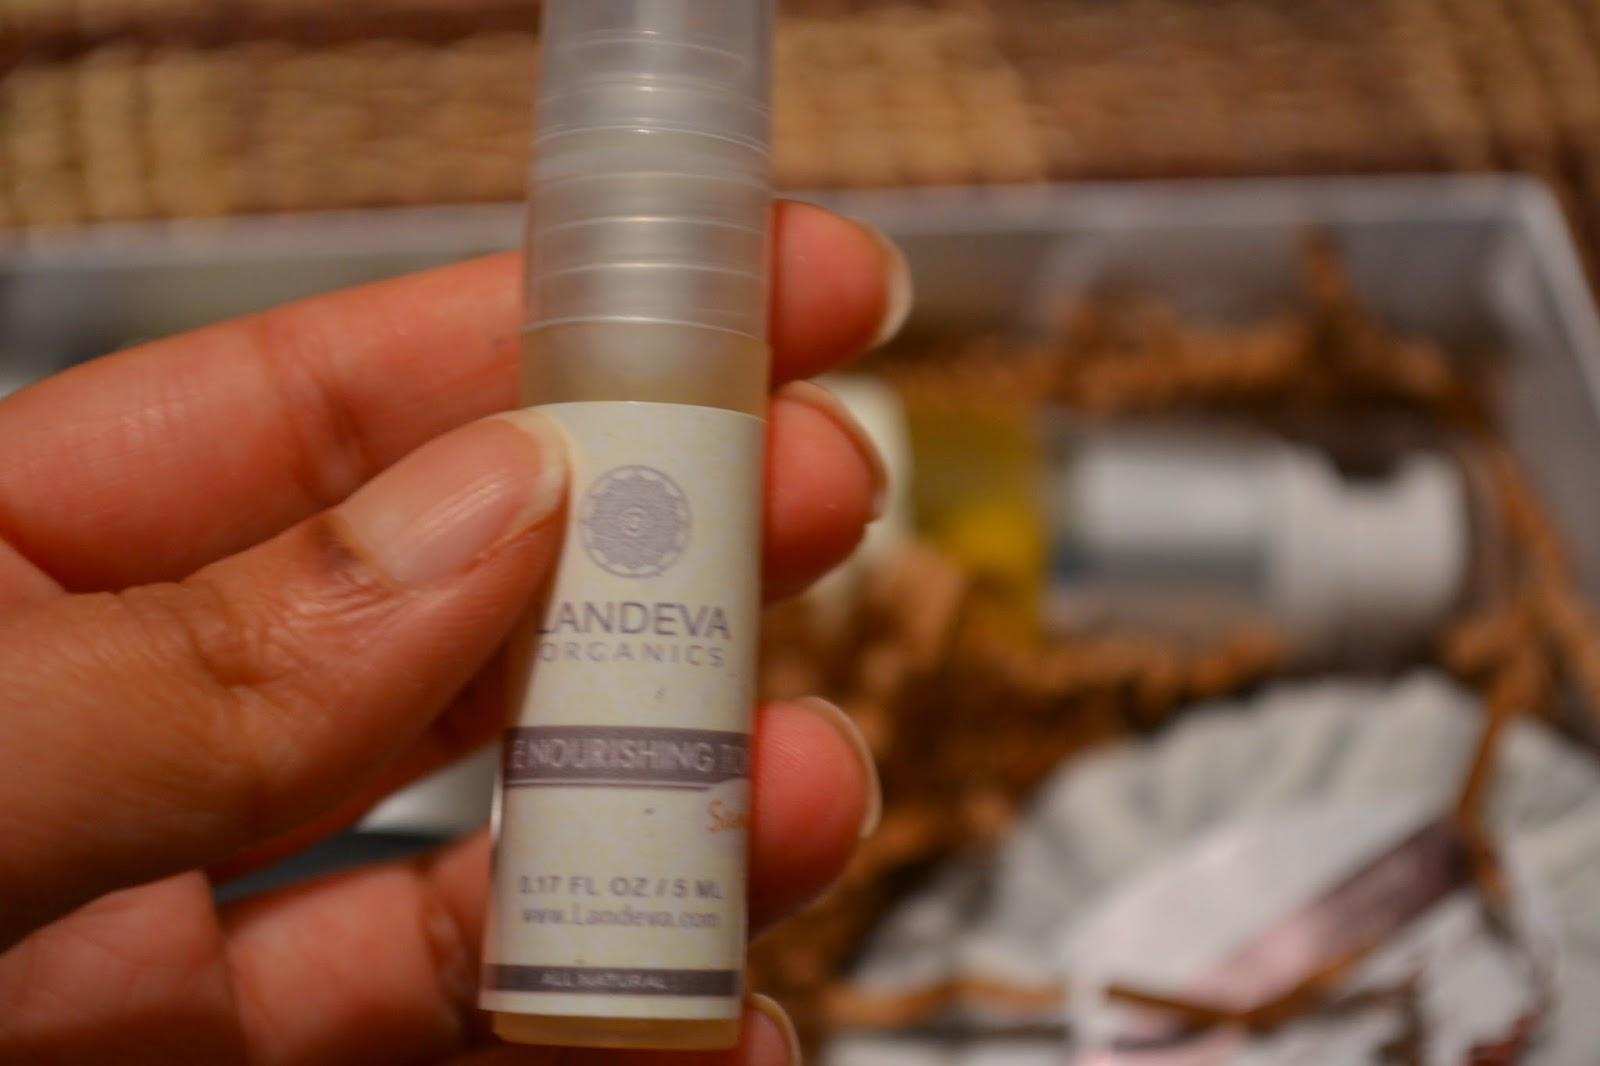 Landeva Organics Rose Nourishing Toner